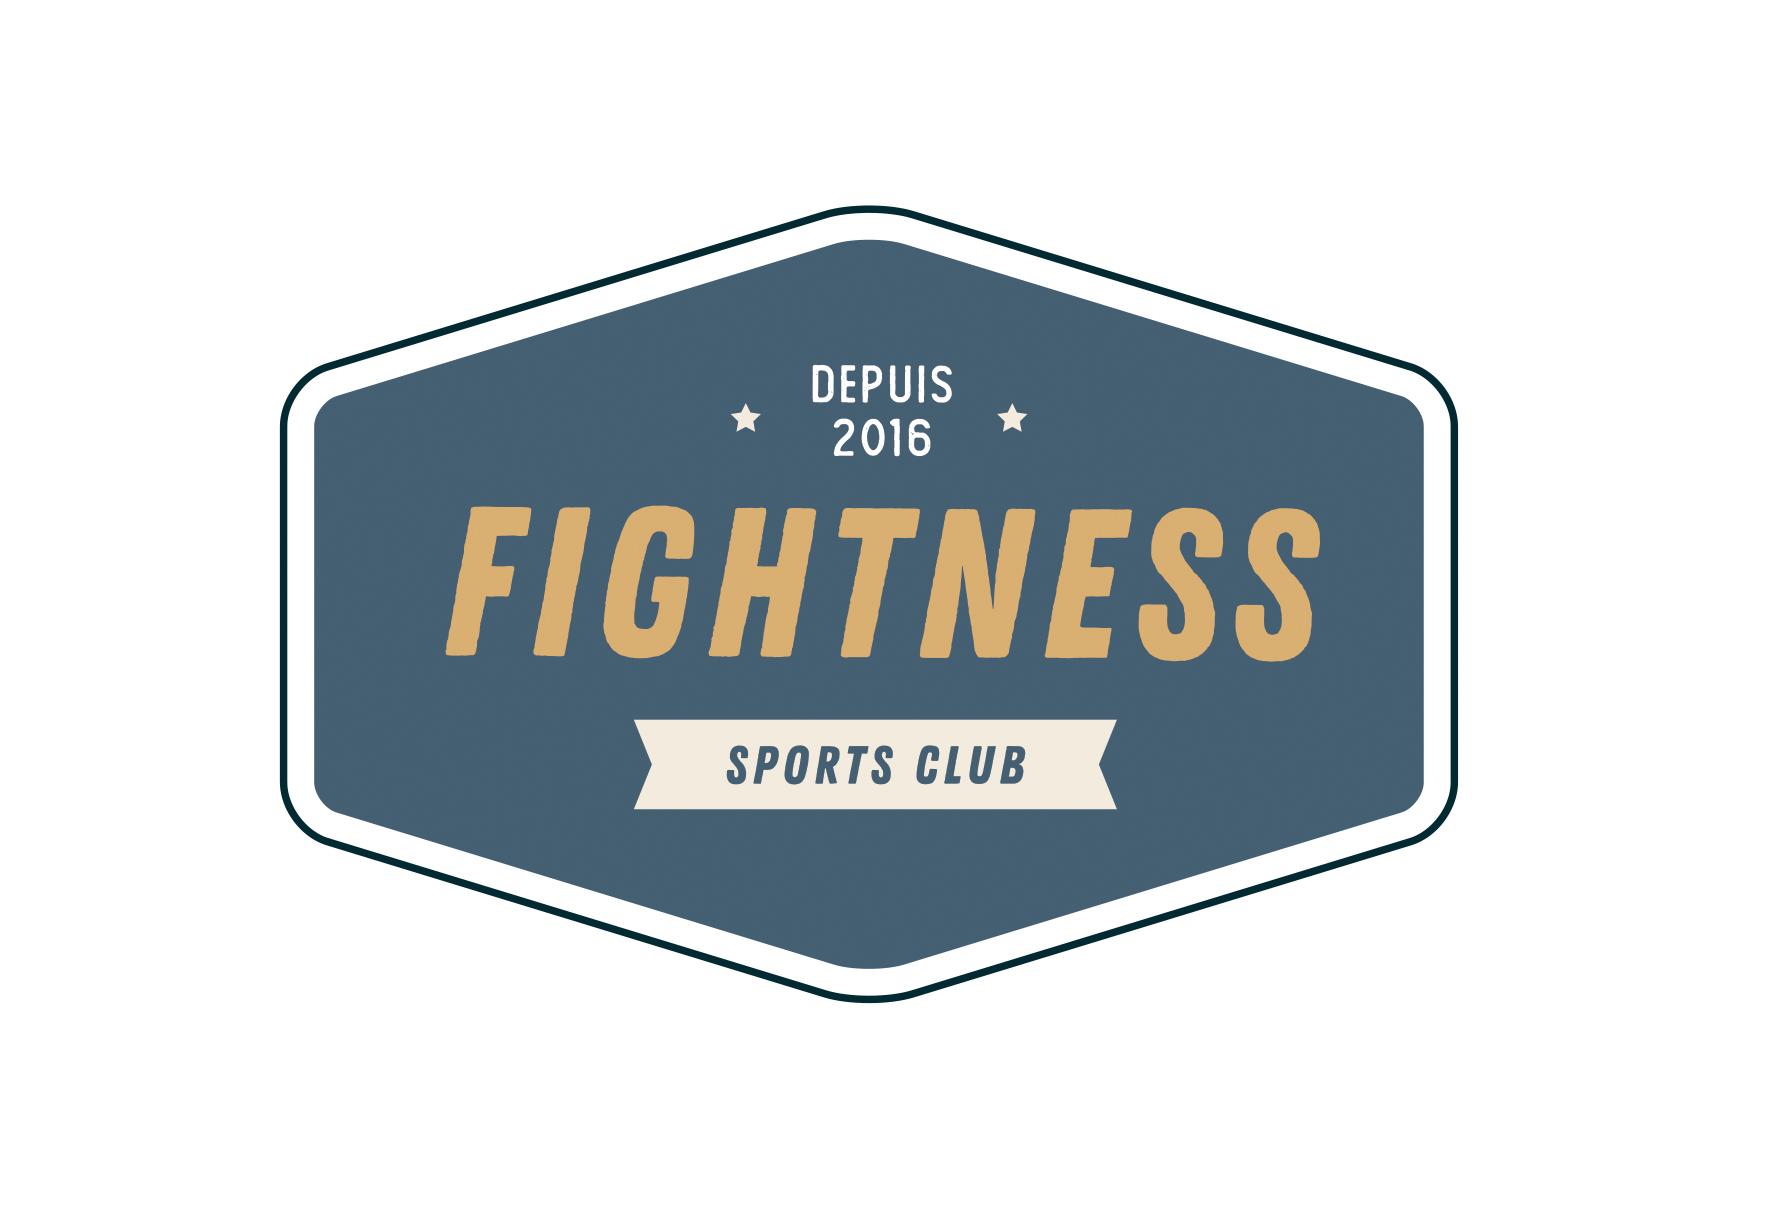 Icone App Fightness Sports Club